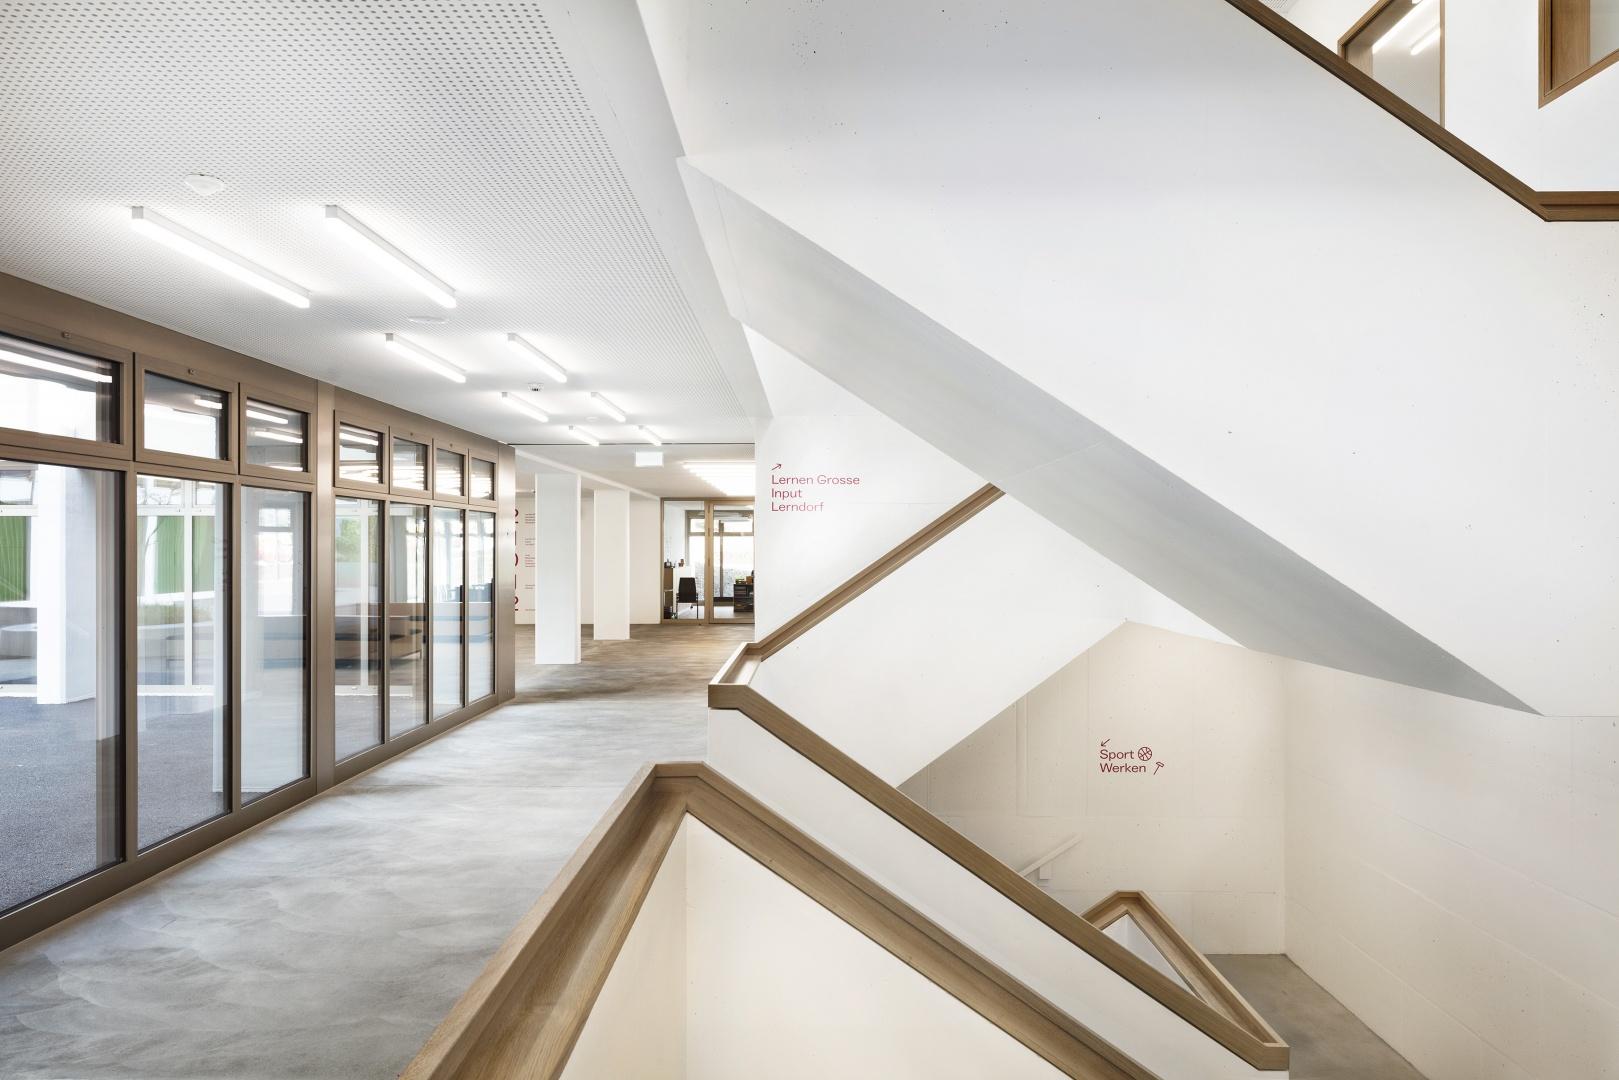 Neuer Treppenhauskern © Lucas Peter